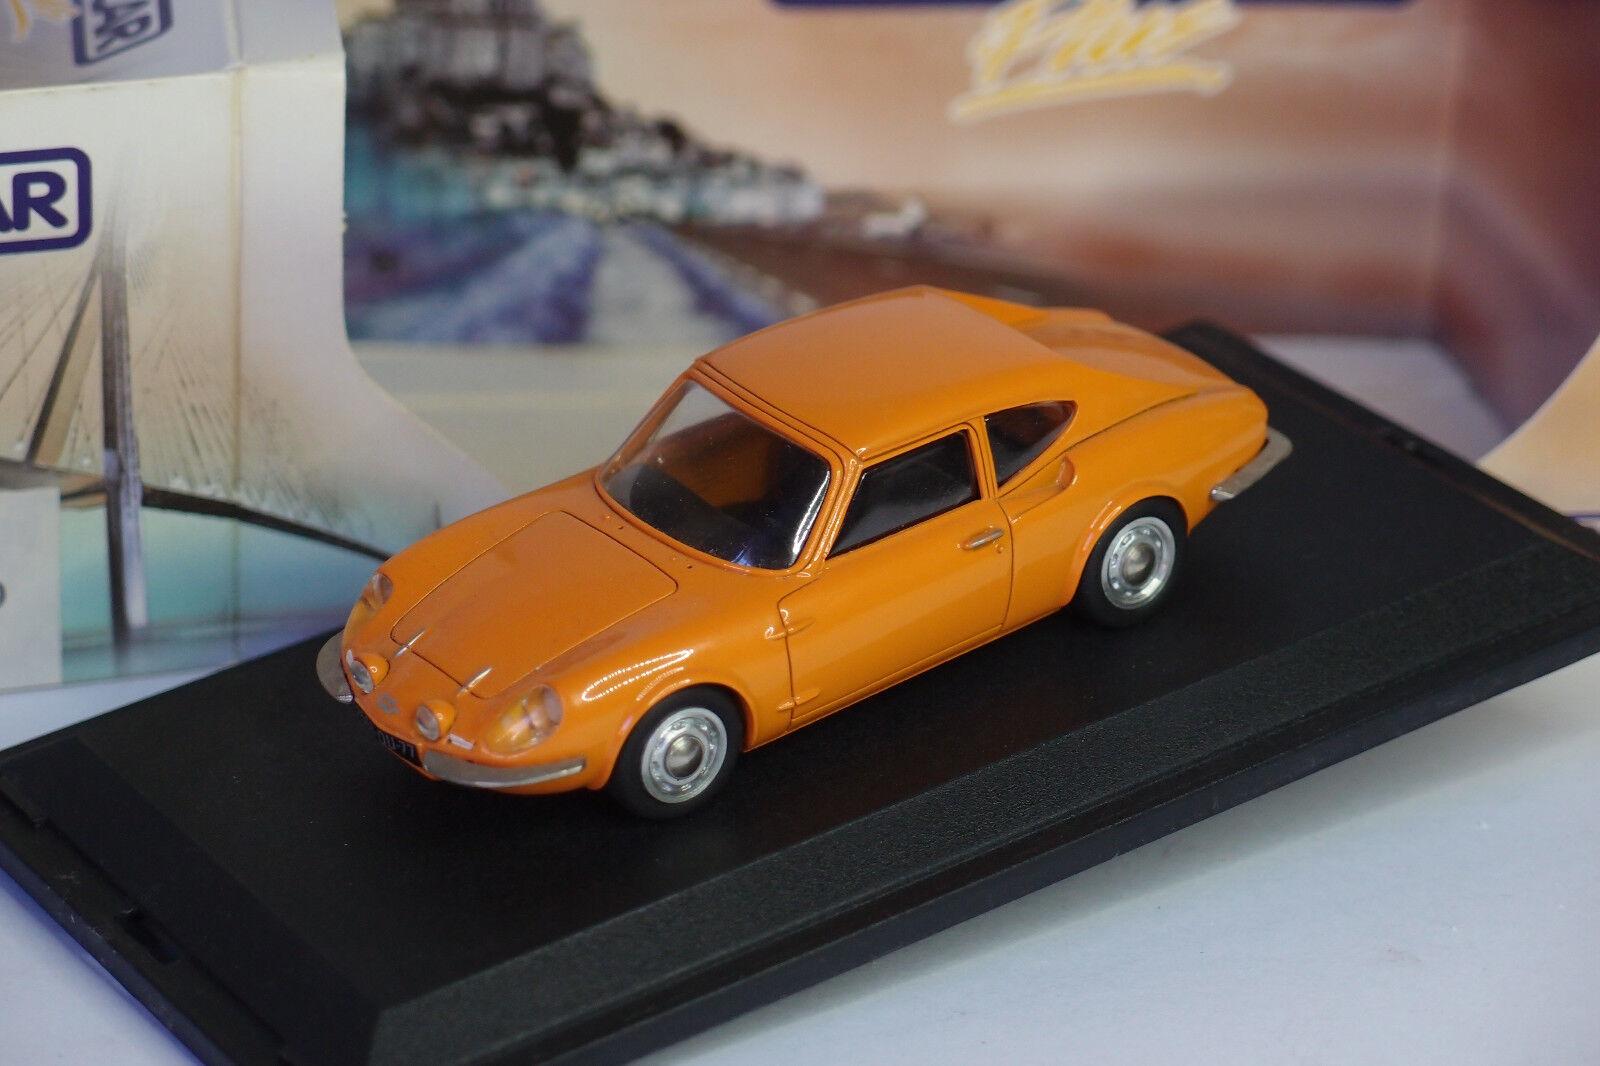 autentico PARADauto CG 1200S COUPE 1968 1968 1968 1 43  all'ingrosso a buon mercato